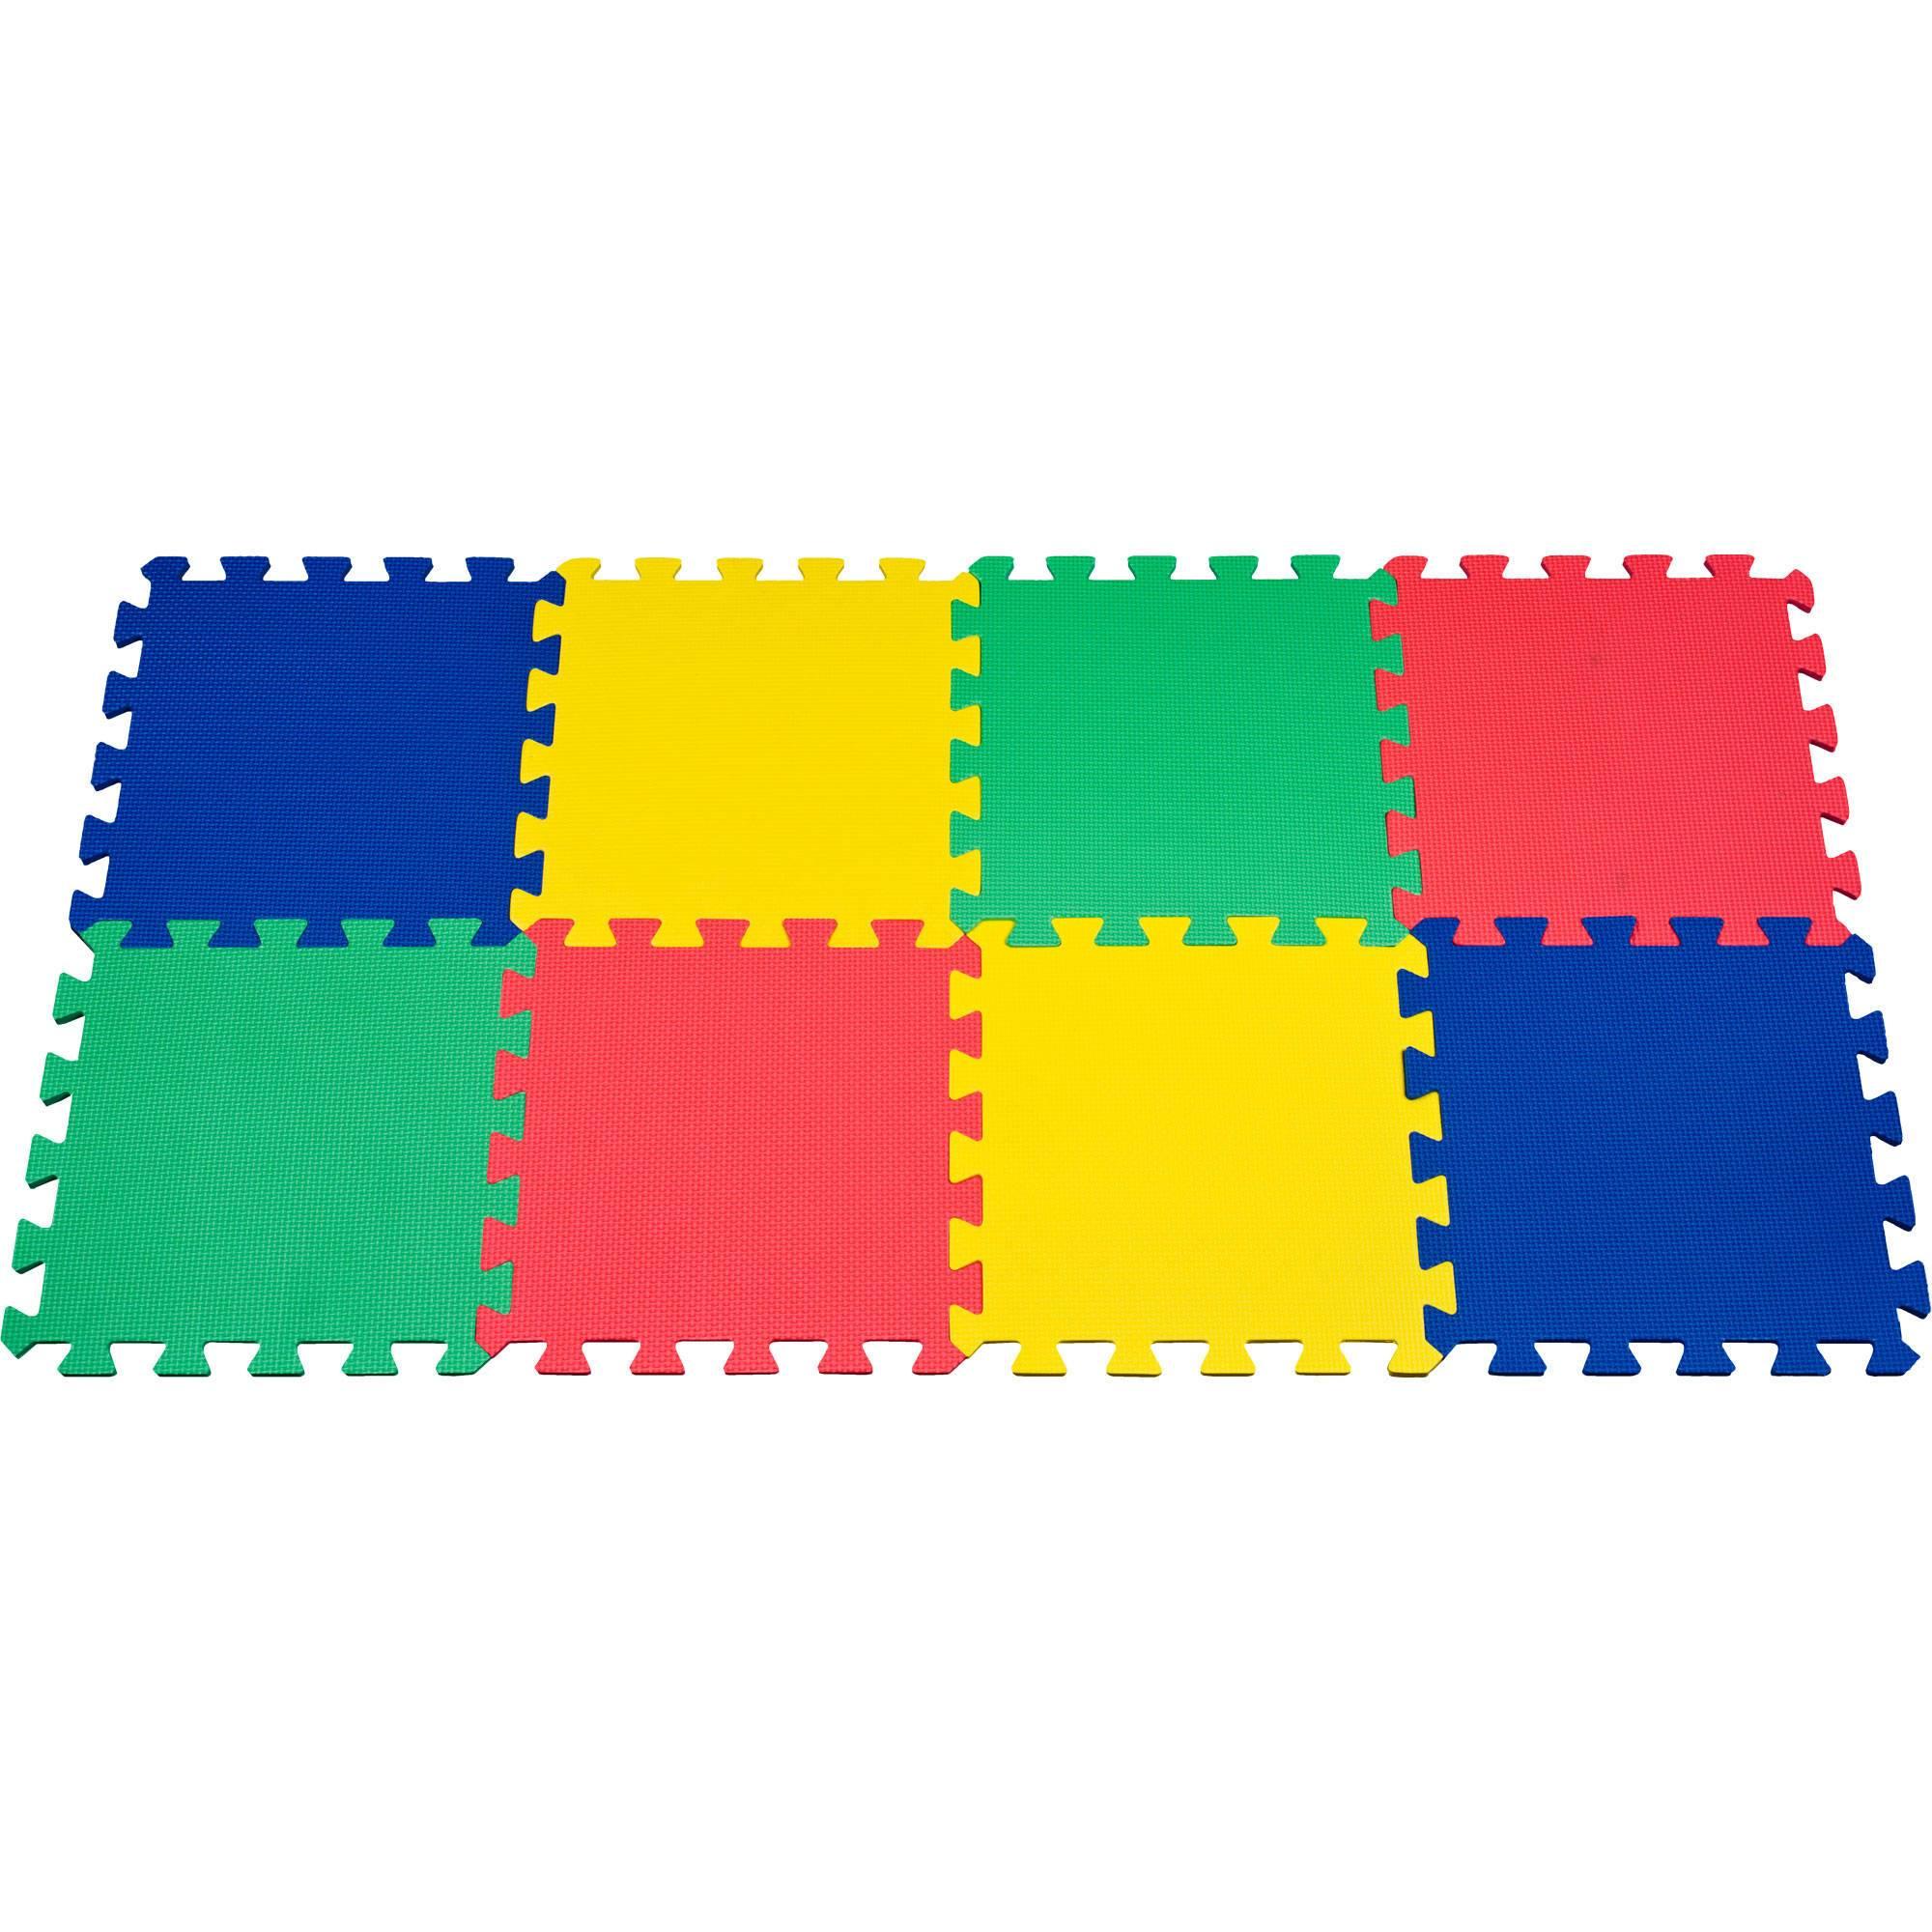 Floor mat clipart 7 » Clipart Portal.